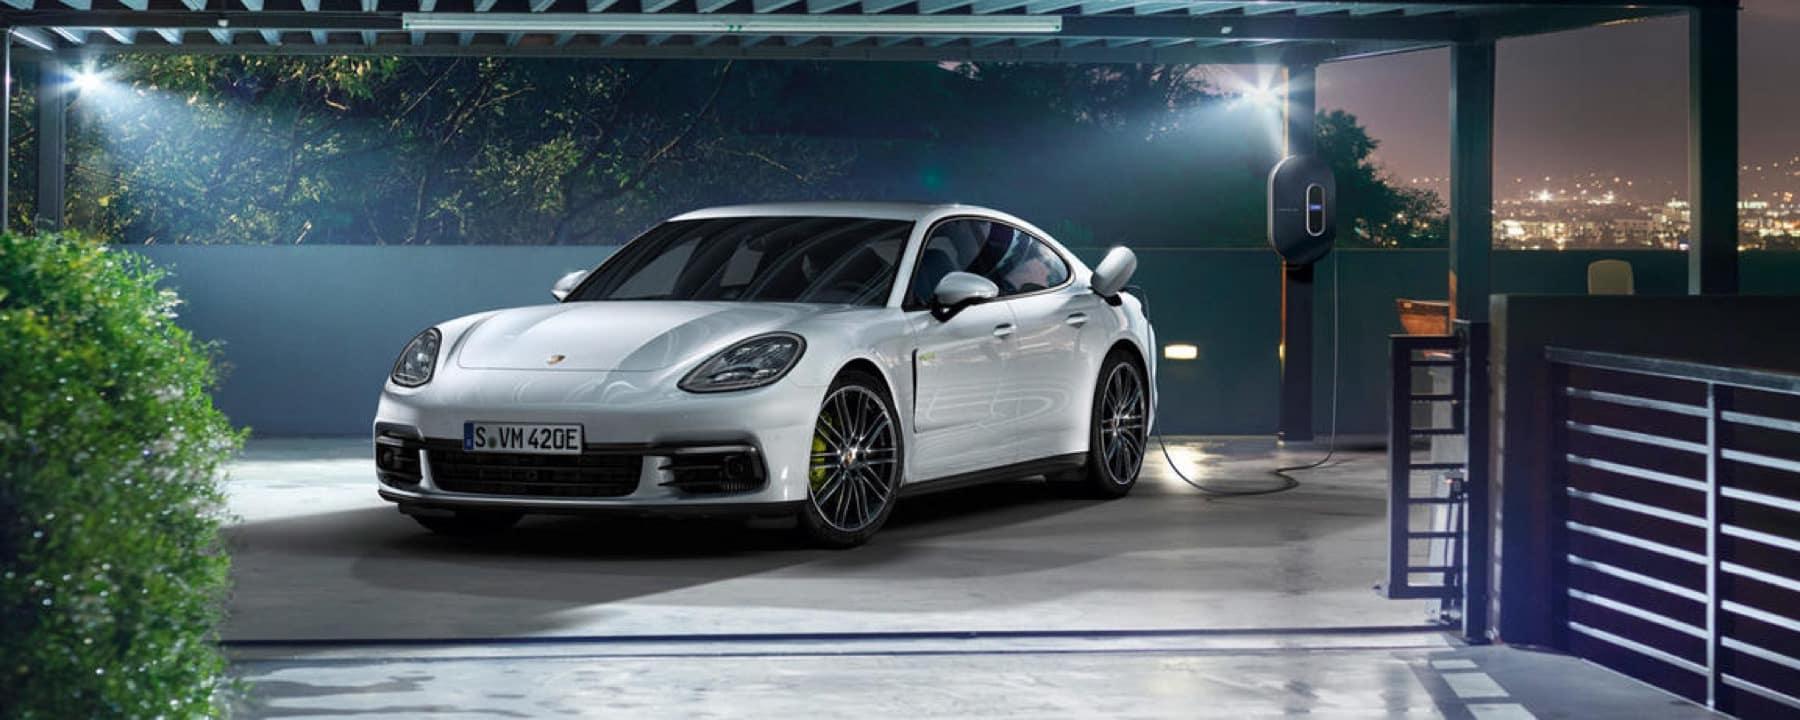 Porsche_Hybrid